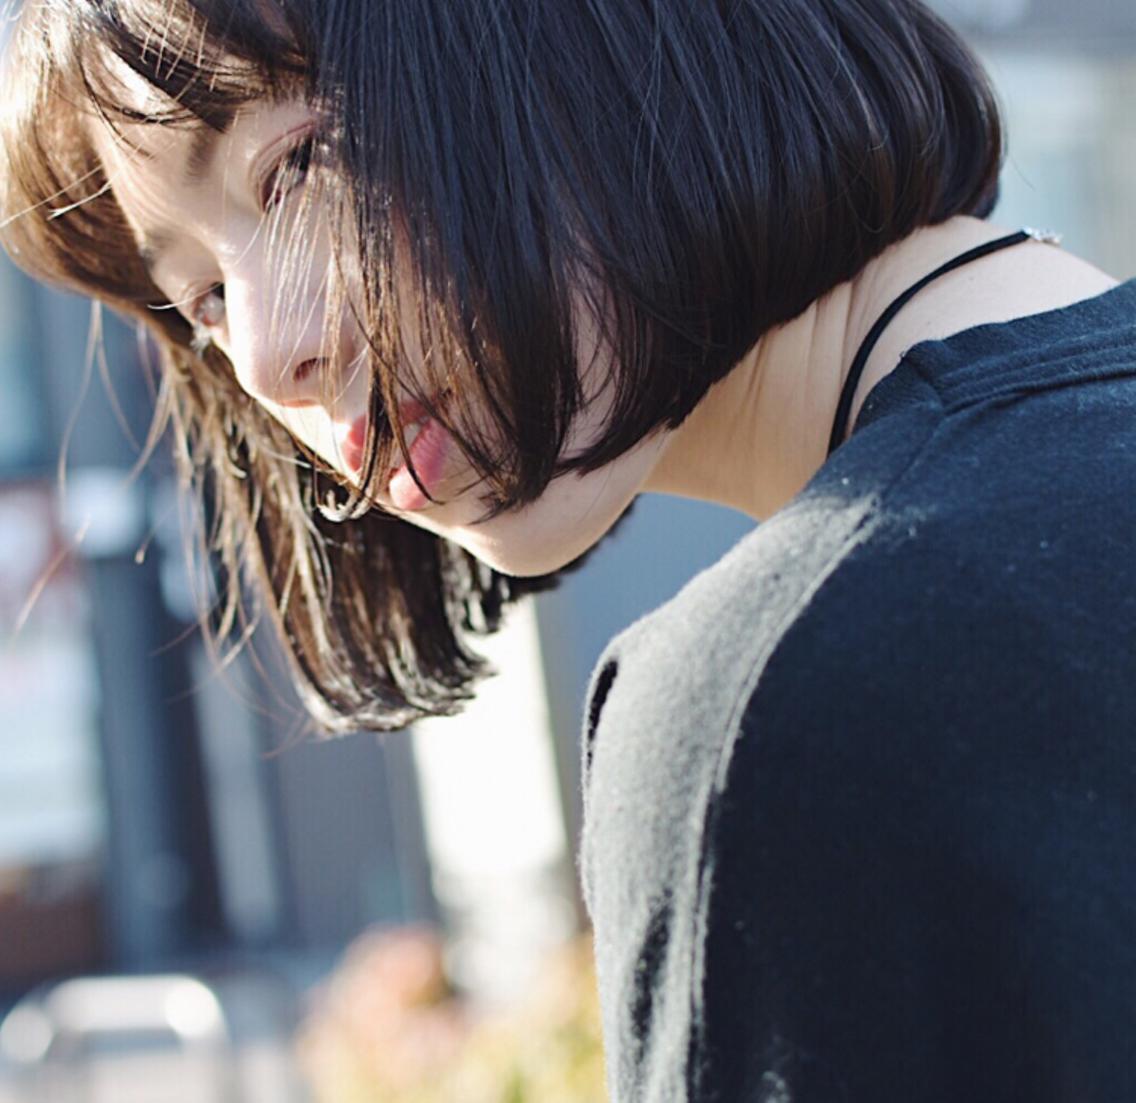 《京都市役所前》ANNABELで透明感ある柔らかいスタイルに◎